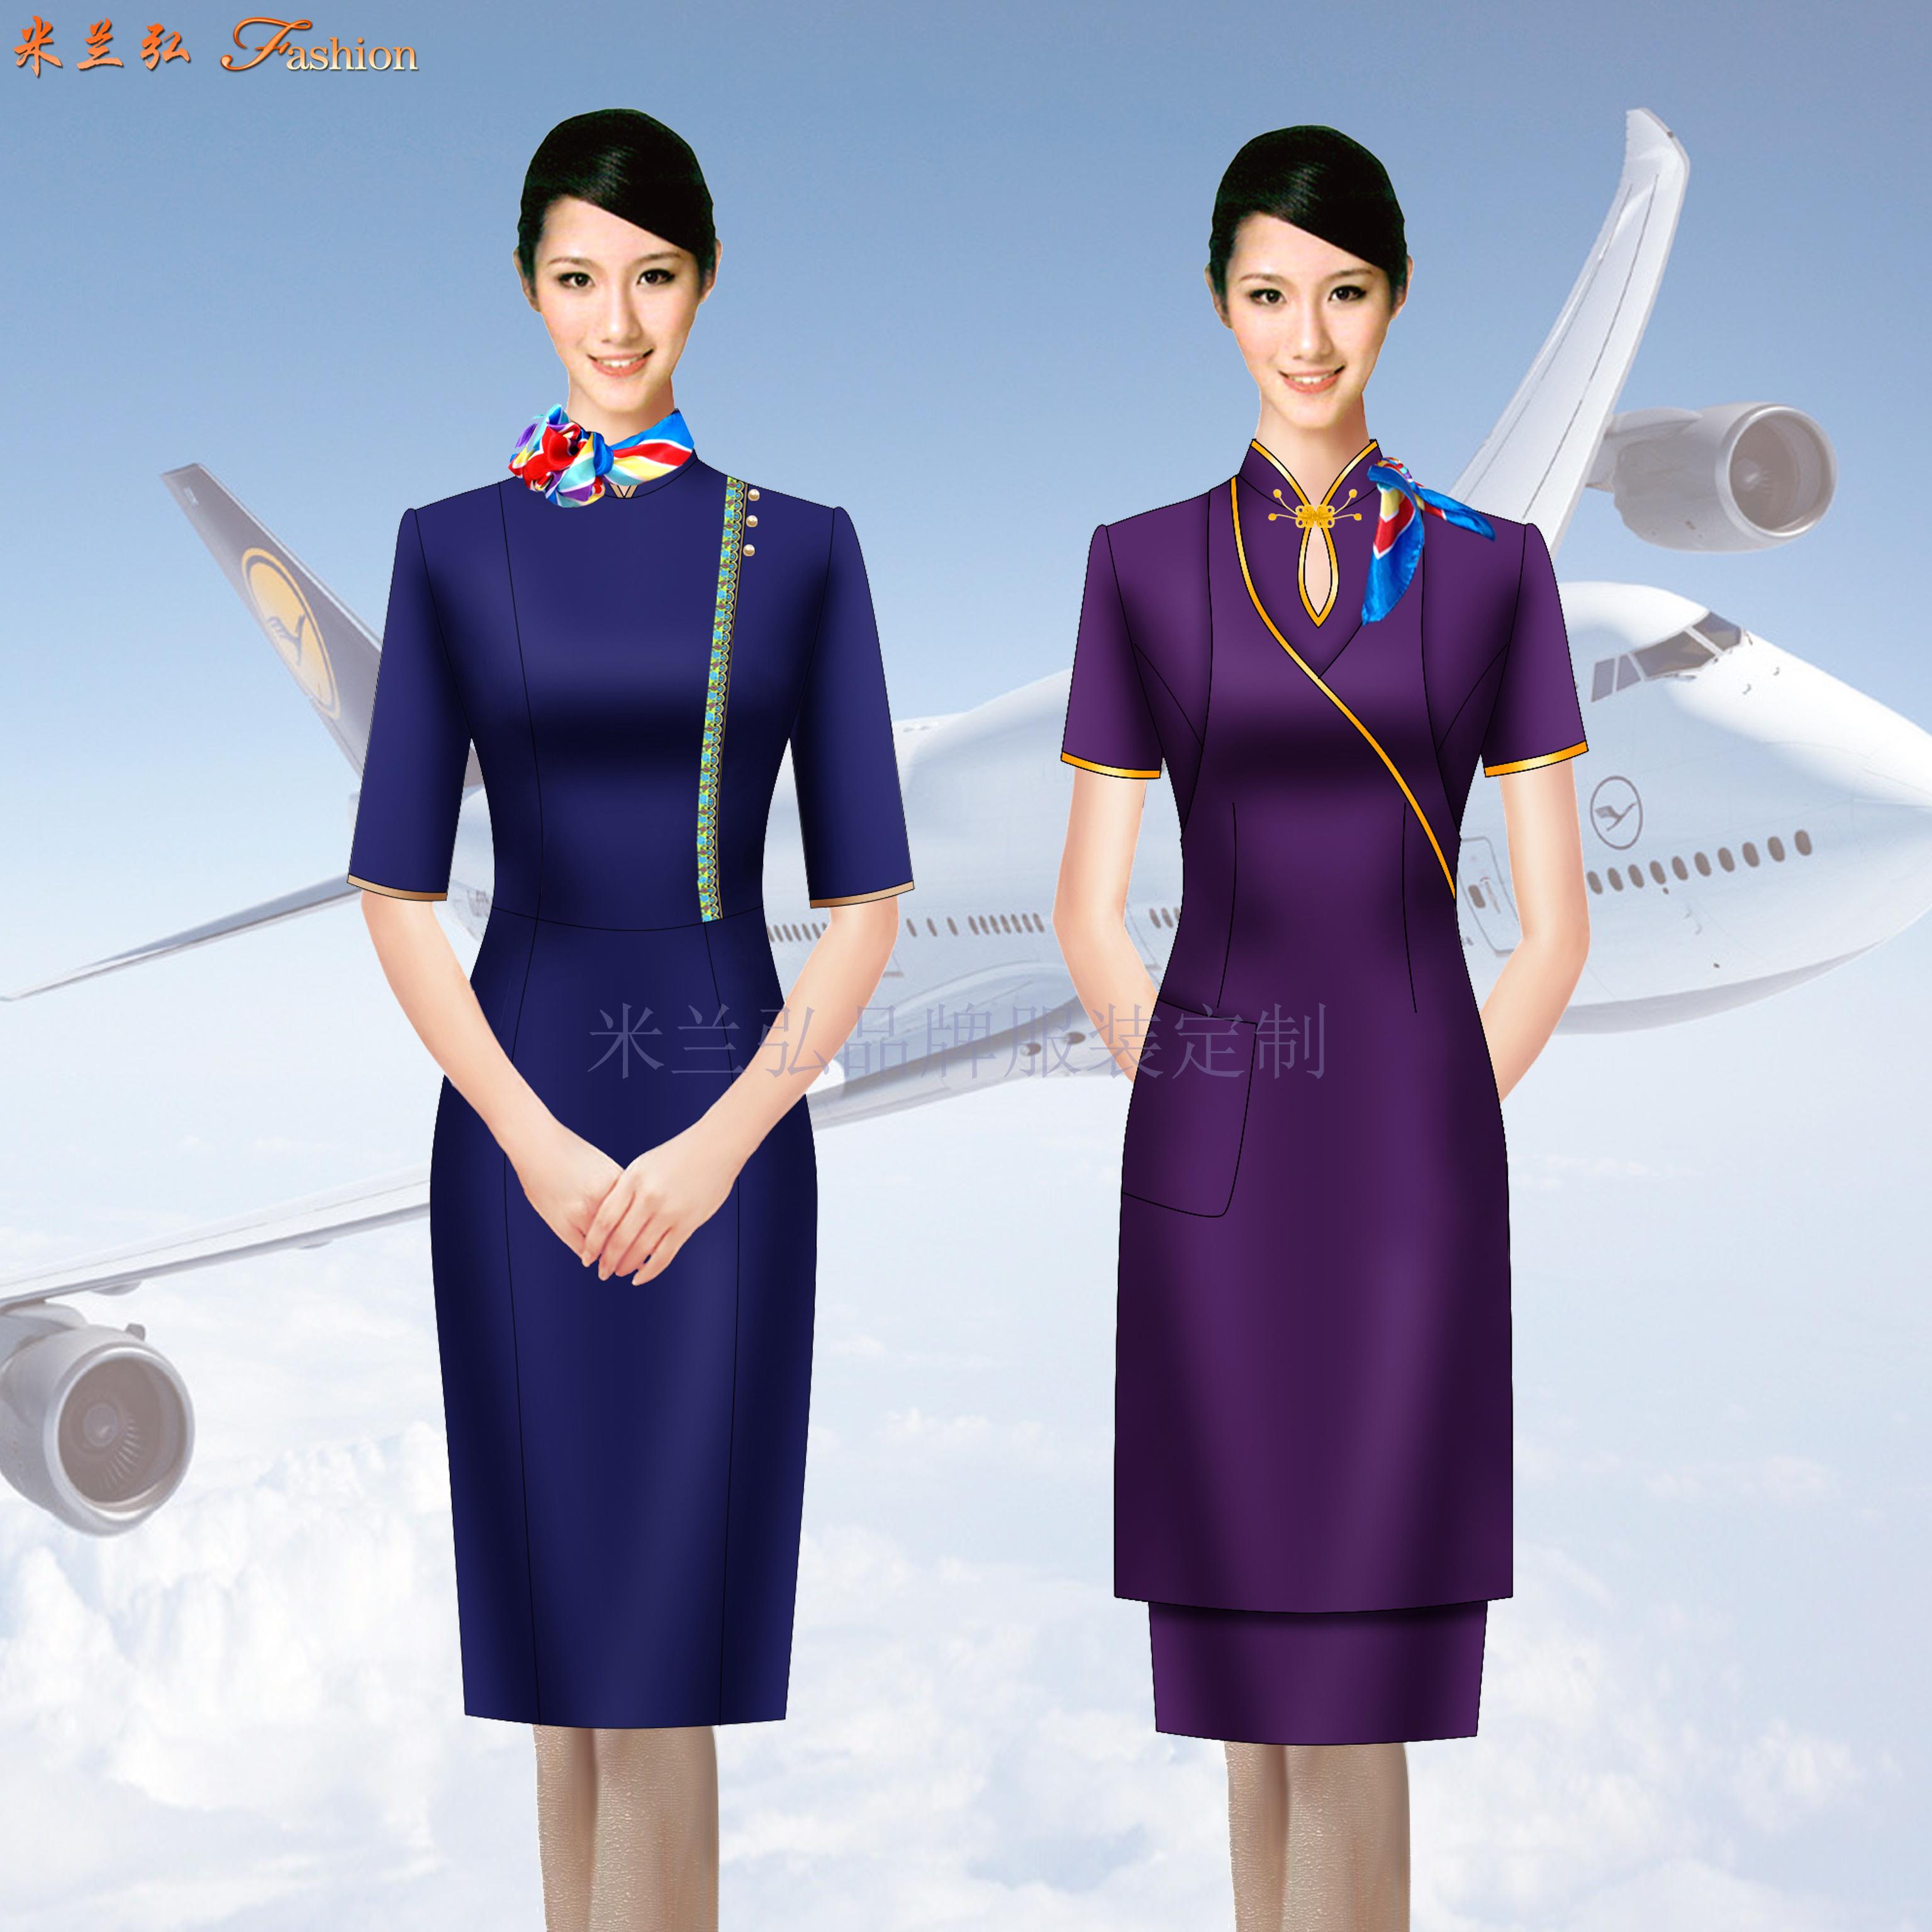 空姐連衣裙制服圖片|高鐵乘務員中式立領連衣裙定做-米蘭弘服裝-2